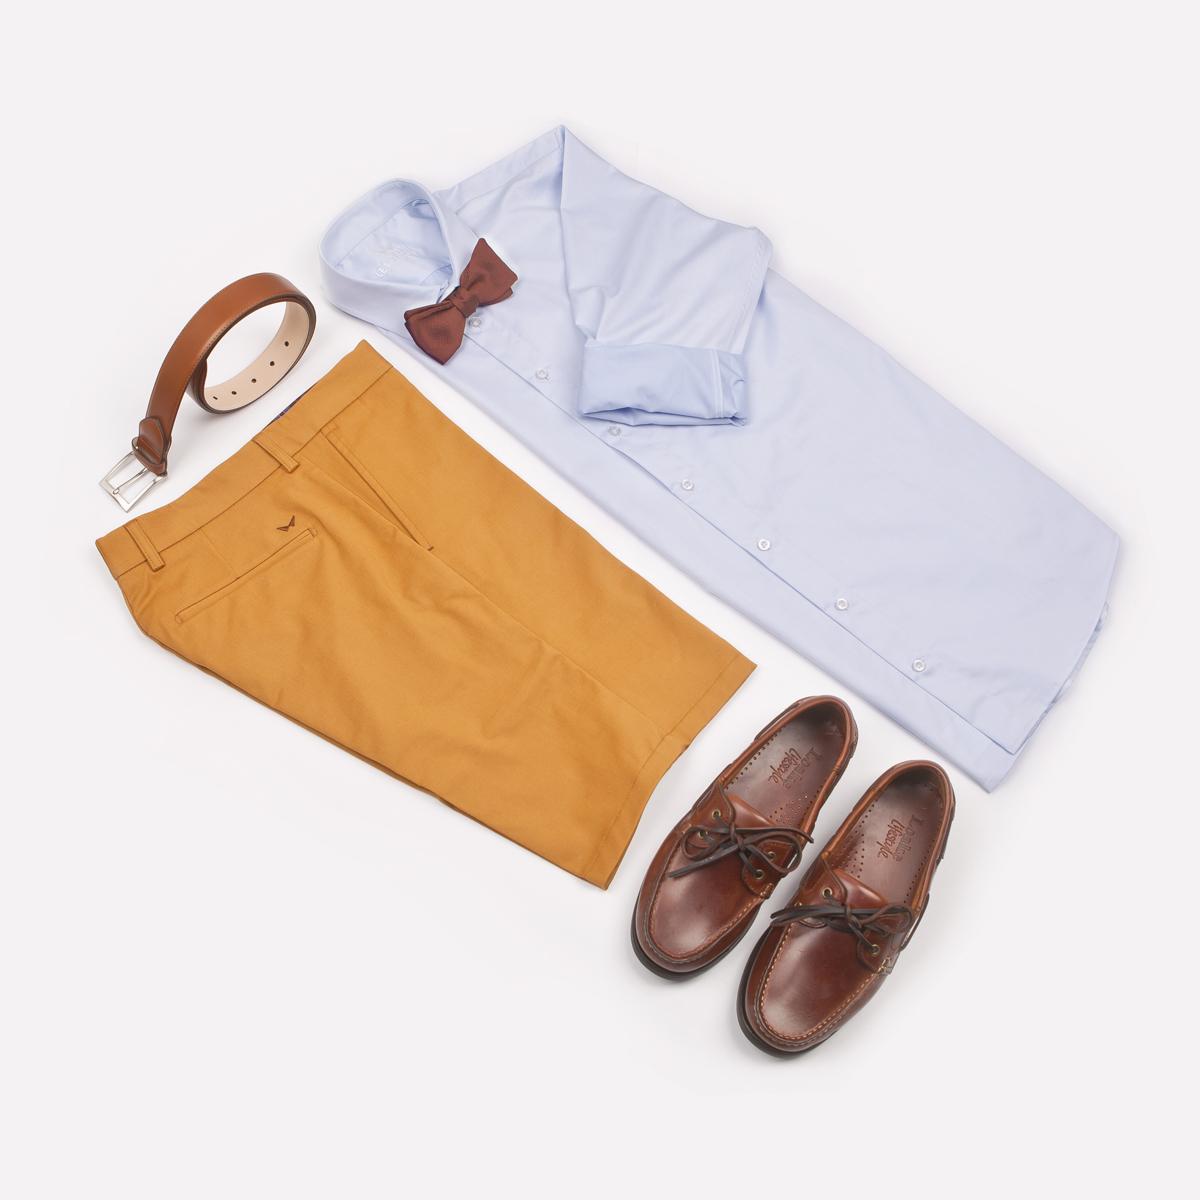 4a818783c667 Boat shoes vypadají jako byste si je vzali na jachtu. Jsou kožené